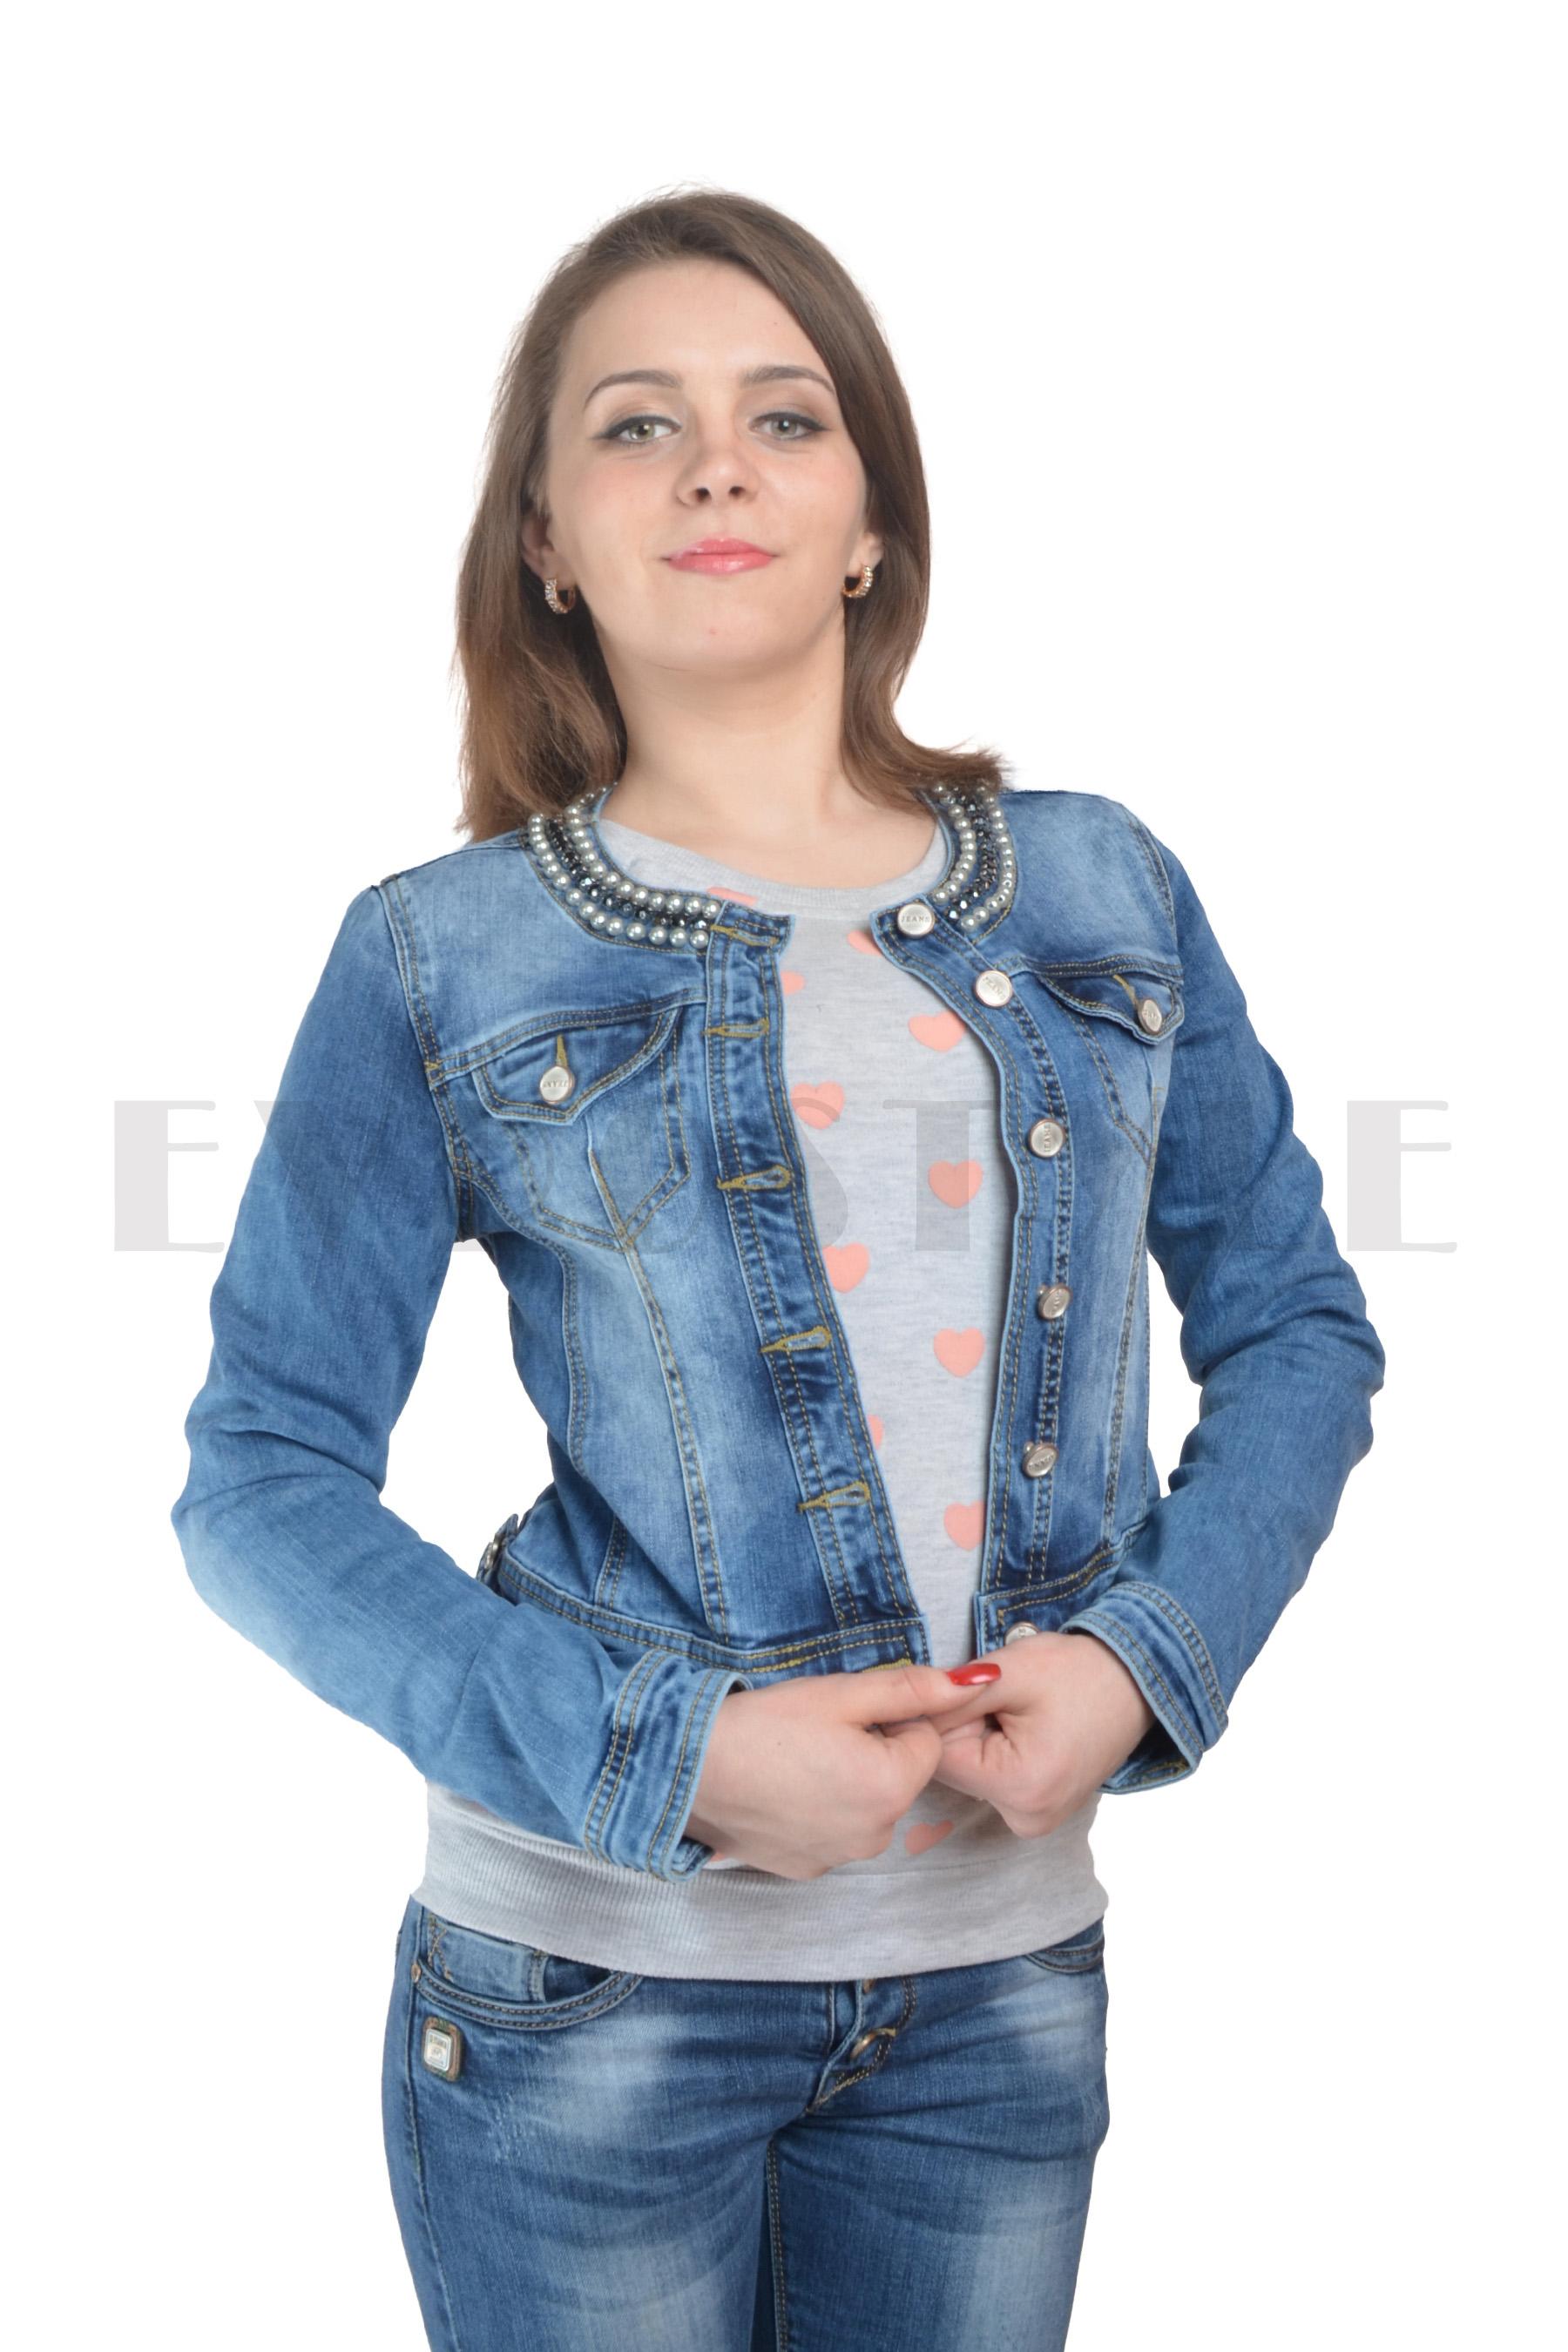 Сбор заказов. 1. Модные джинсовые куртки: качественно и красиво. Джинсовки от 1300р. Размеры от 38 до 54. Все ЦР.